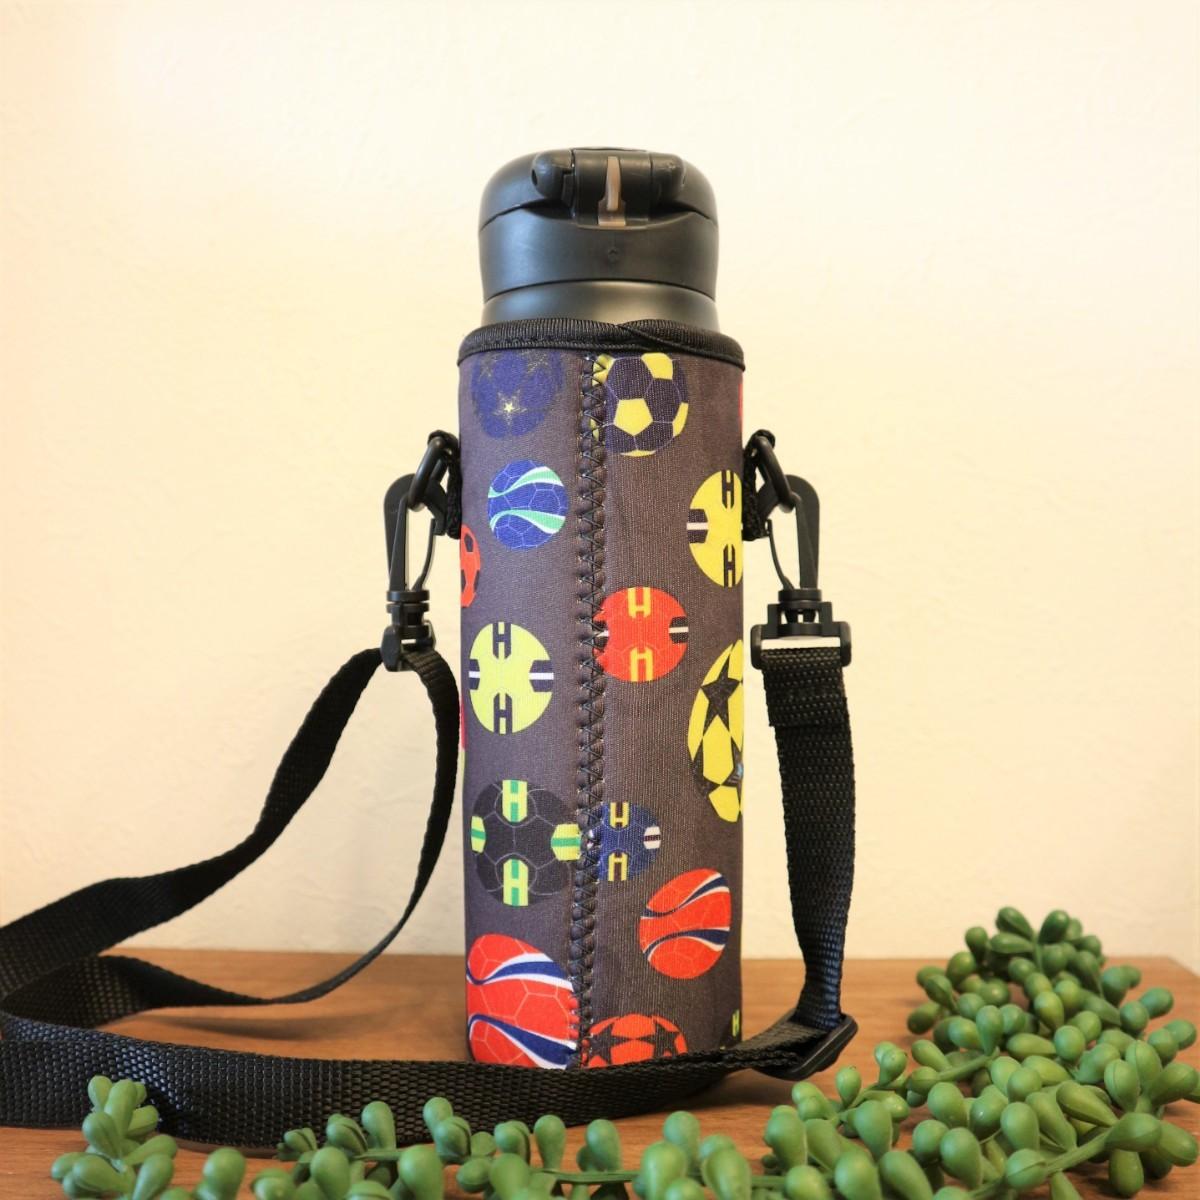 ★水筒カバー★~600ml ボトルカバー ボトルホルダー 水筒ケース サッカー